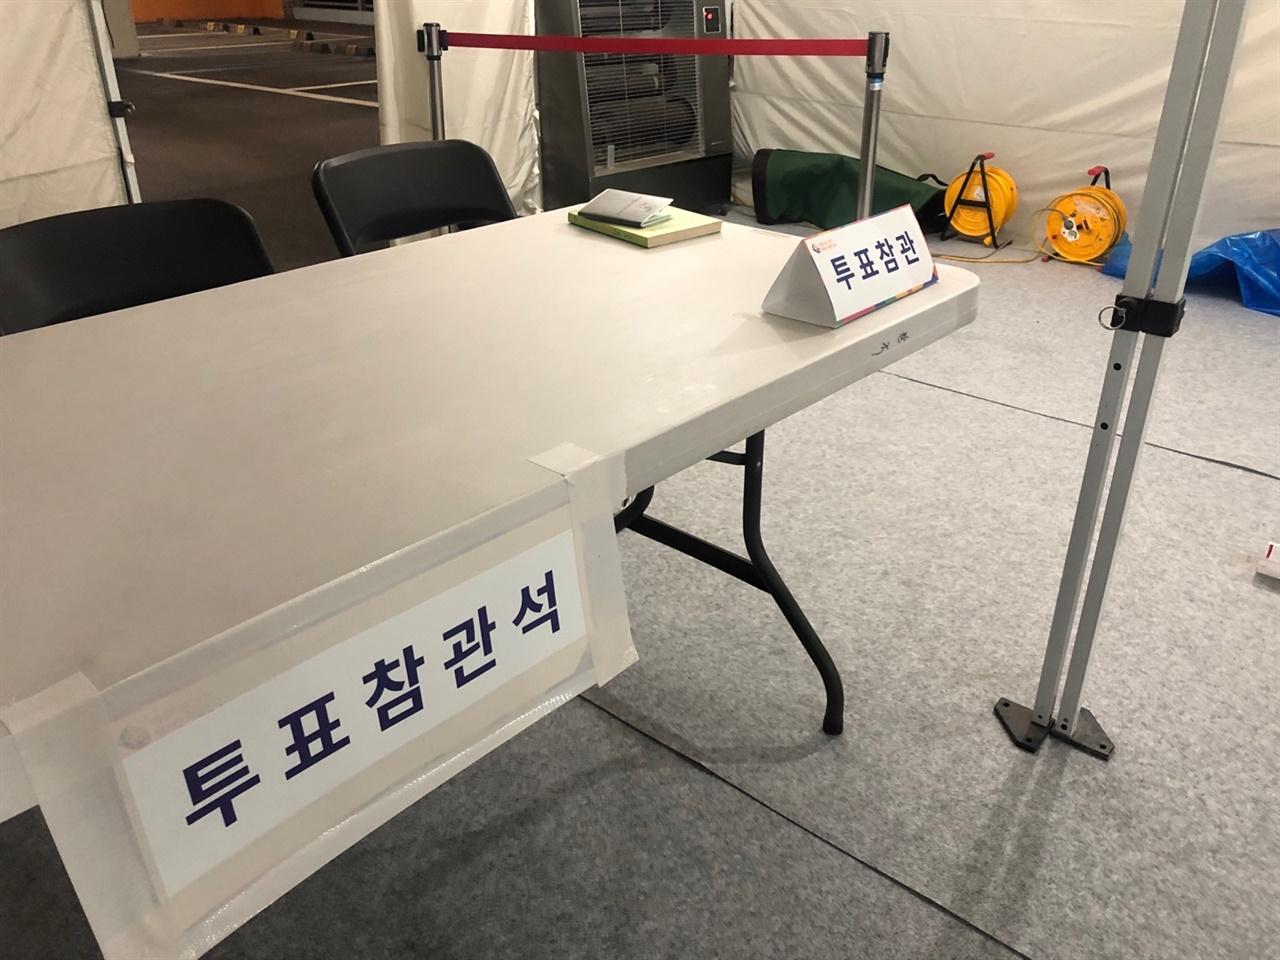 투표가 시작되기전 6시 전에는 촬영을 할수가 있다고 한다.  선거가 시작되면 촬영하기 어렵다고 하여 빈 좌석을 찍어보았다.